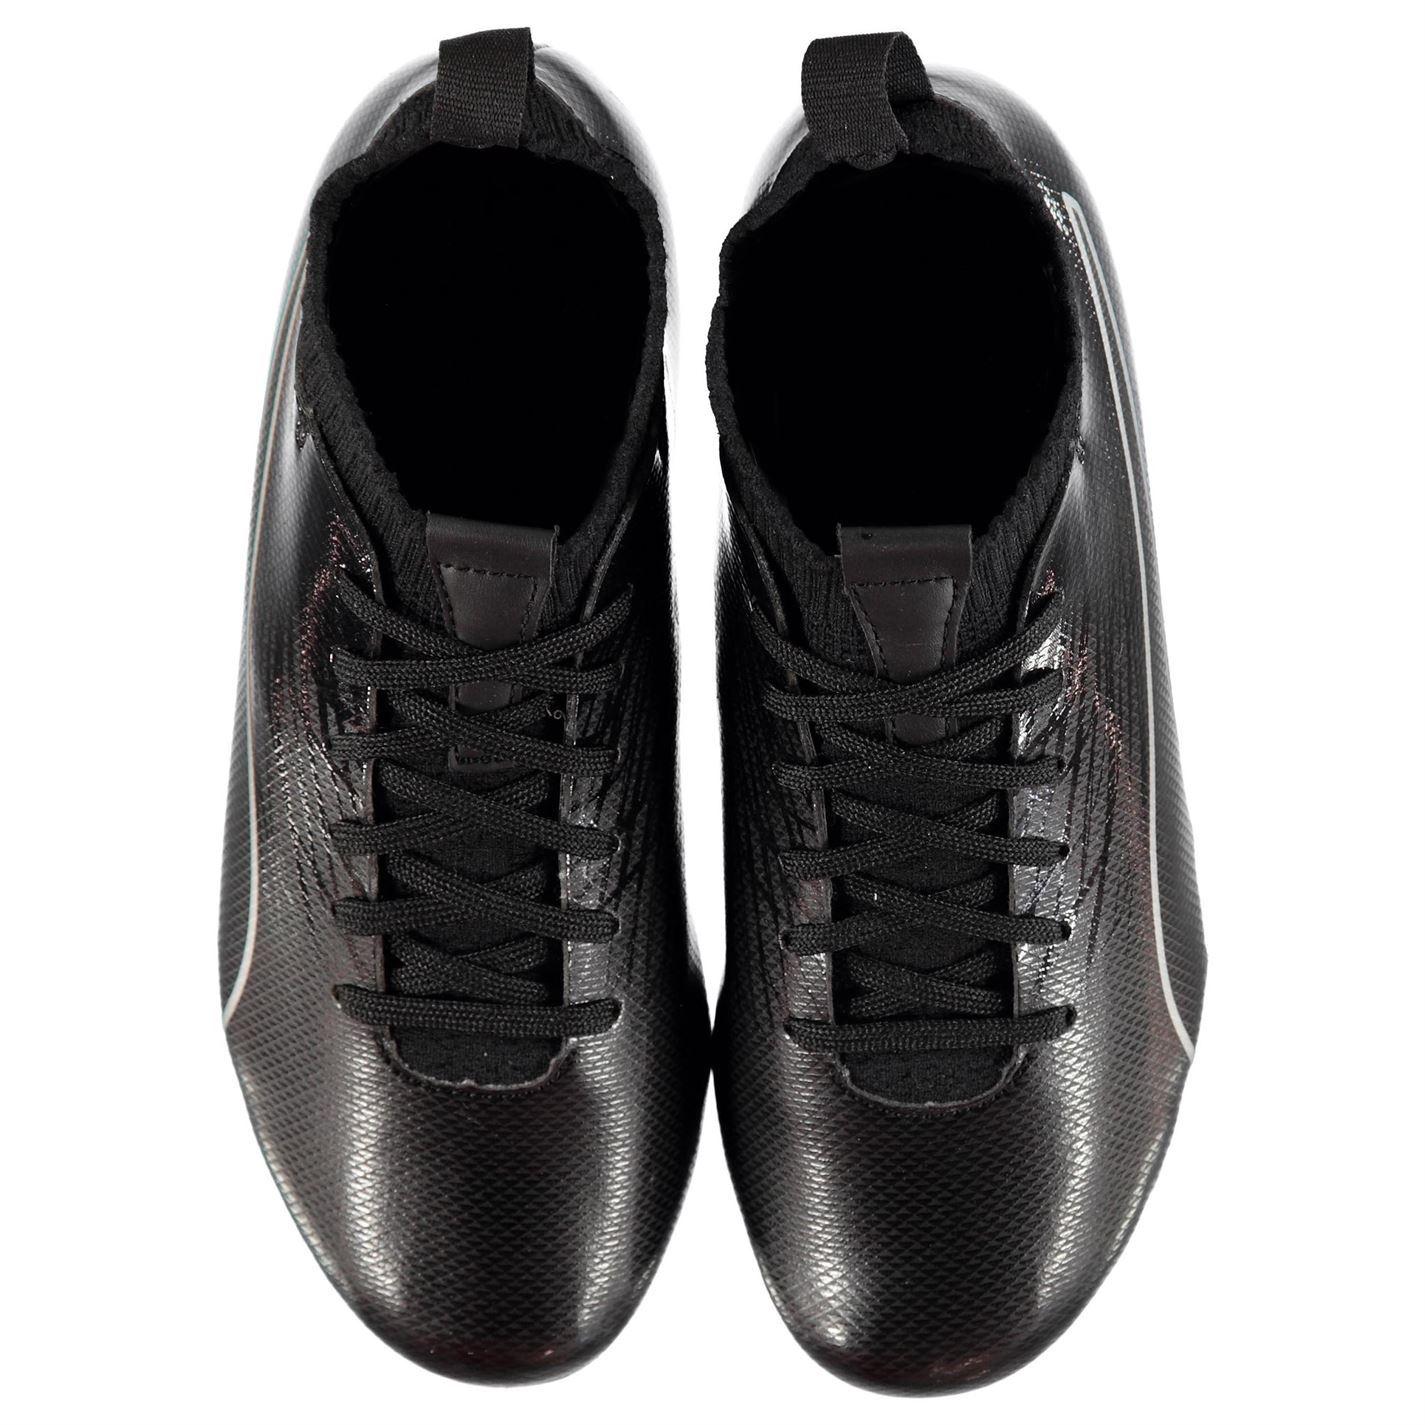 Détails sur Puma Evoknit Sg Chaussures Foot Terrain Souple Noir Enfants Football Cale